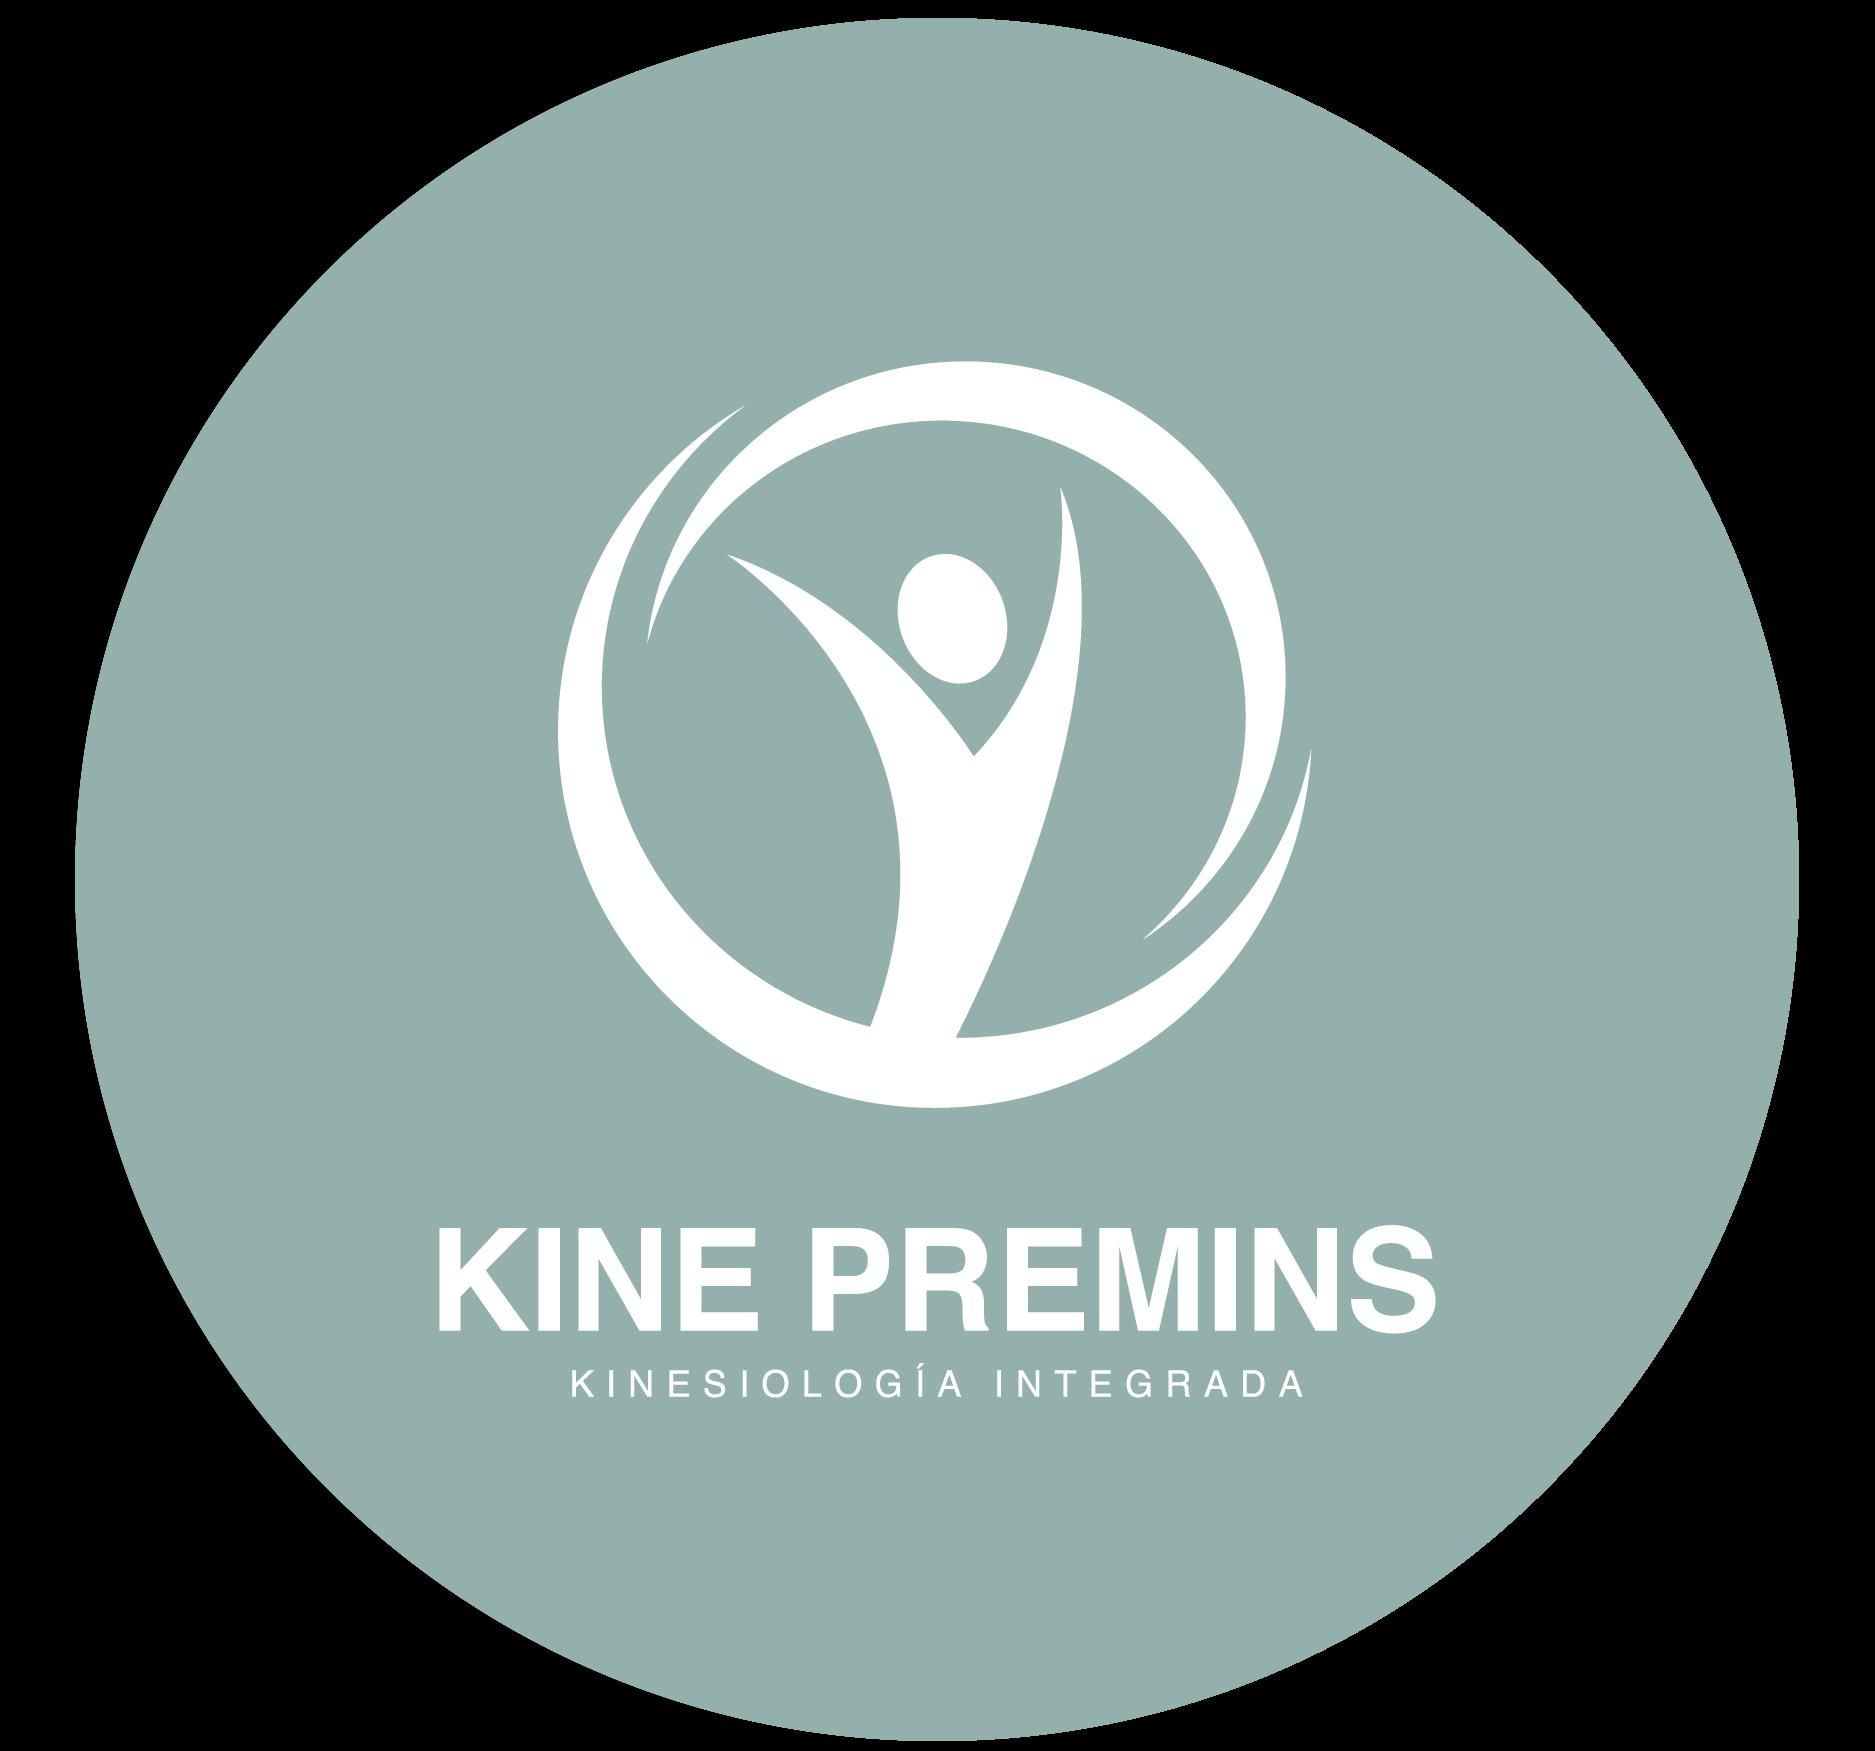 Kine Premins